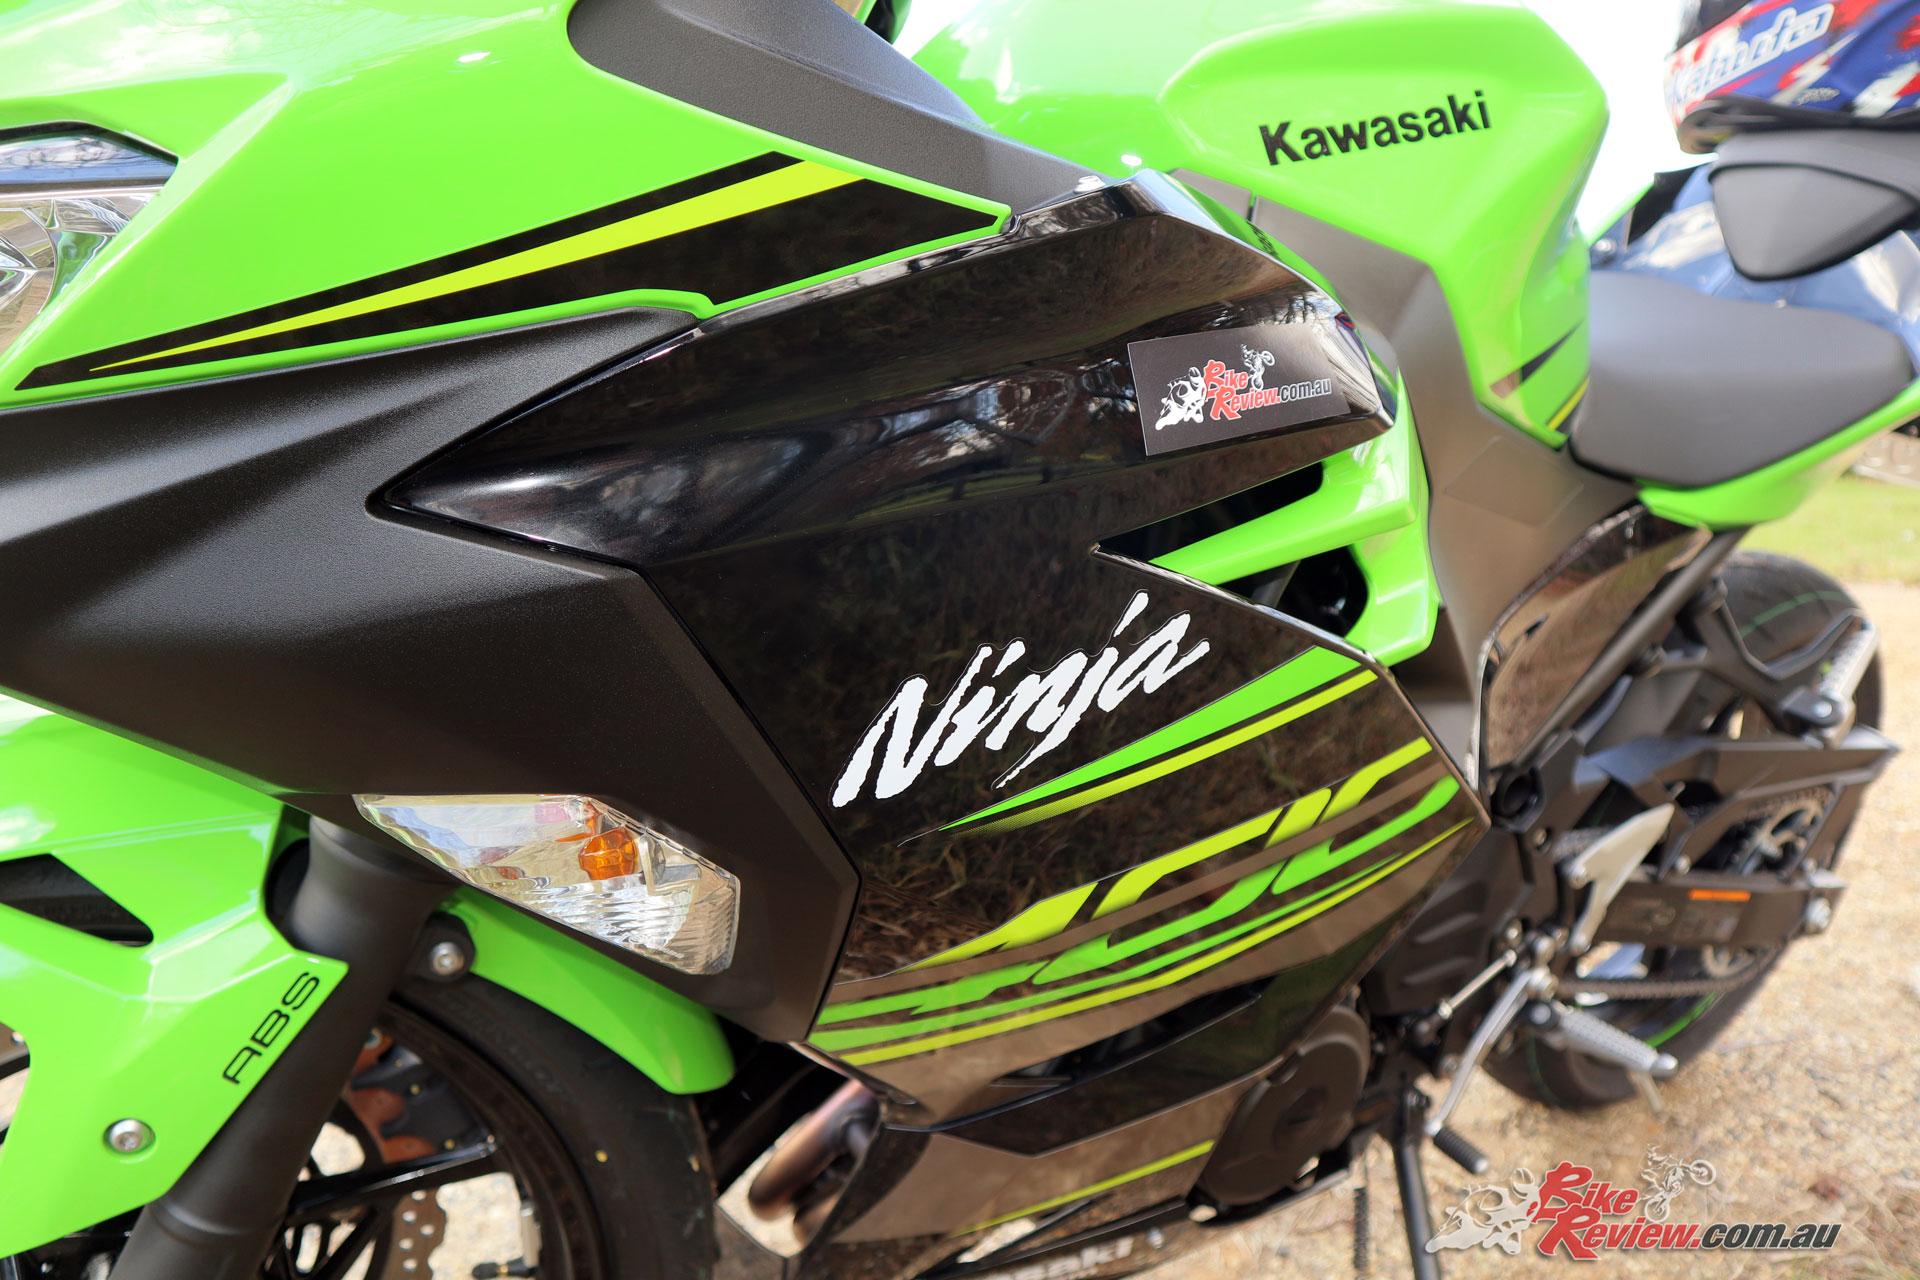 Kawasaki Ninja Lams Review